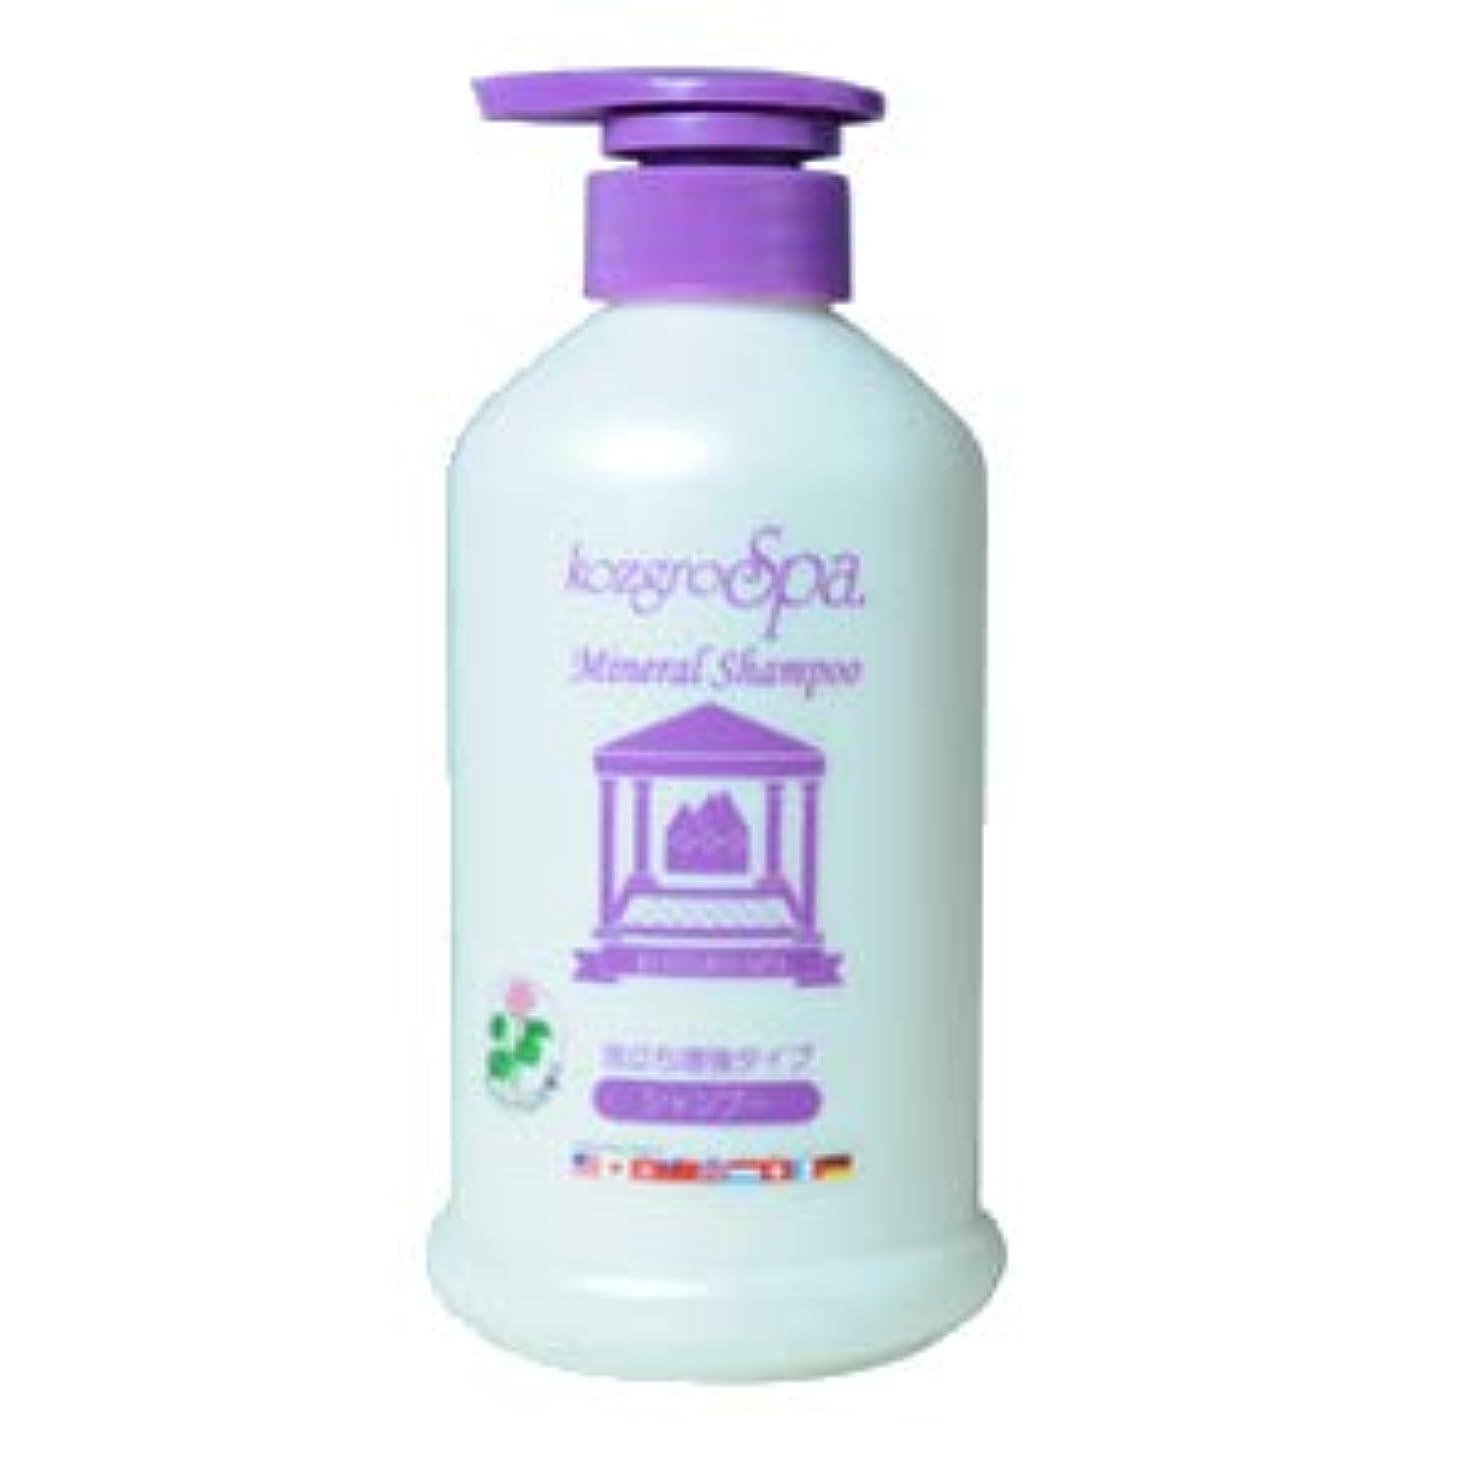 フォーマットライバル奨励コズグロ スパ ミネラル シャンプー プレミアム ライラックの香り (泡立ち増強タイプ) 500mL